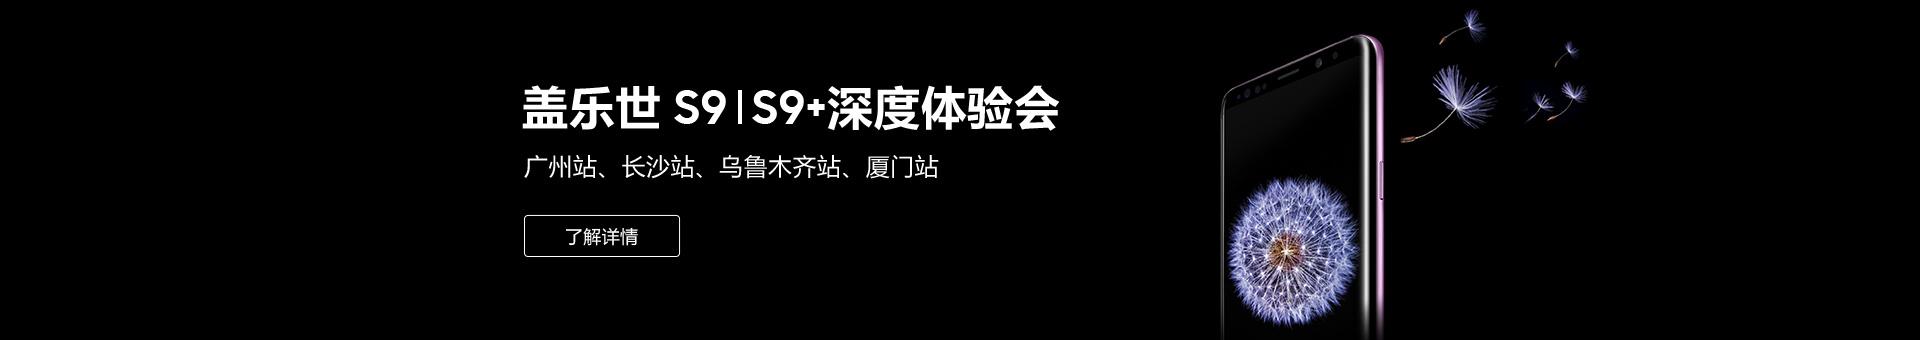 三星Galaxy S9 | S9+深度体验会火爆招募中